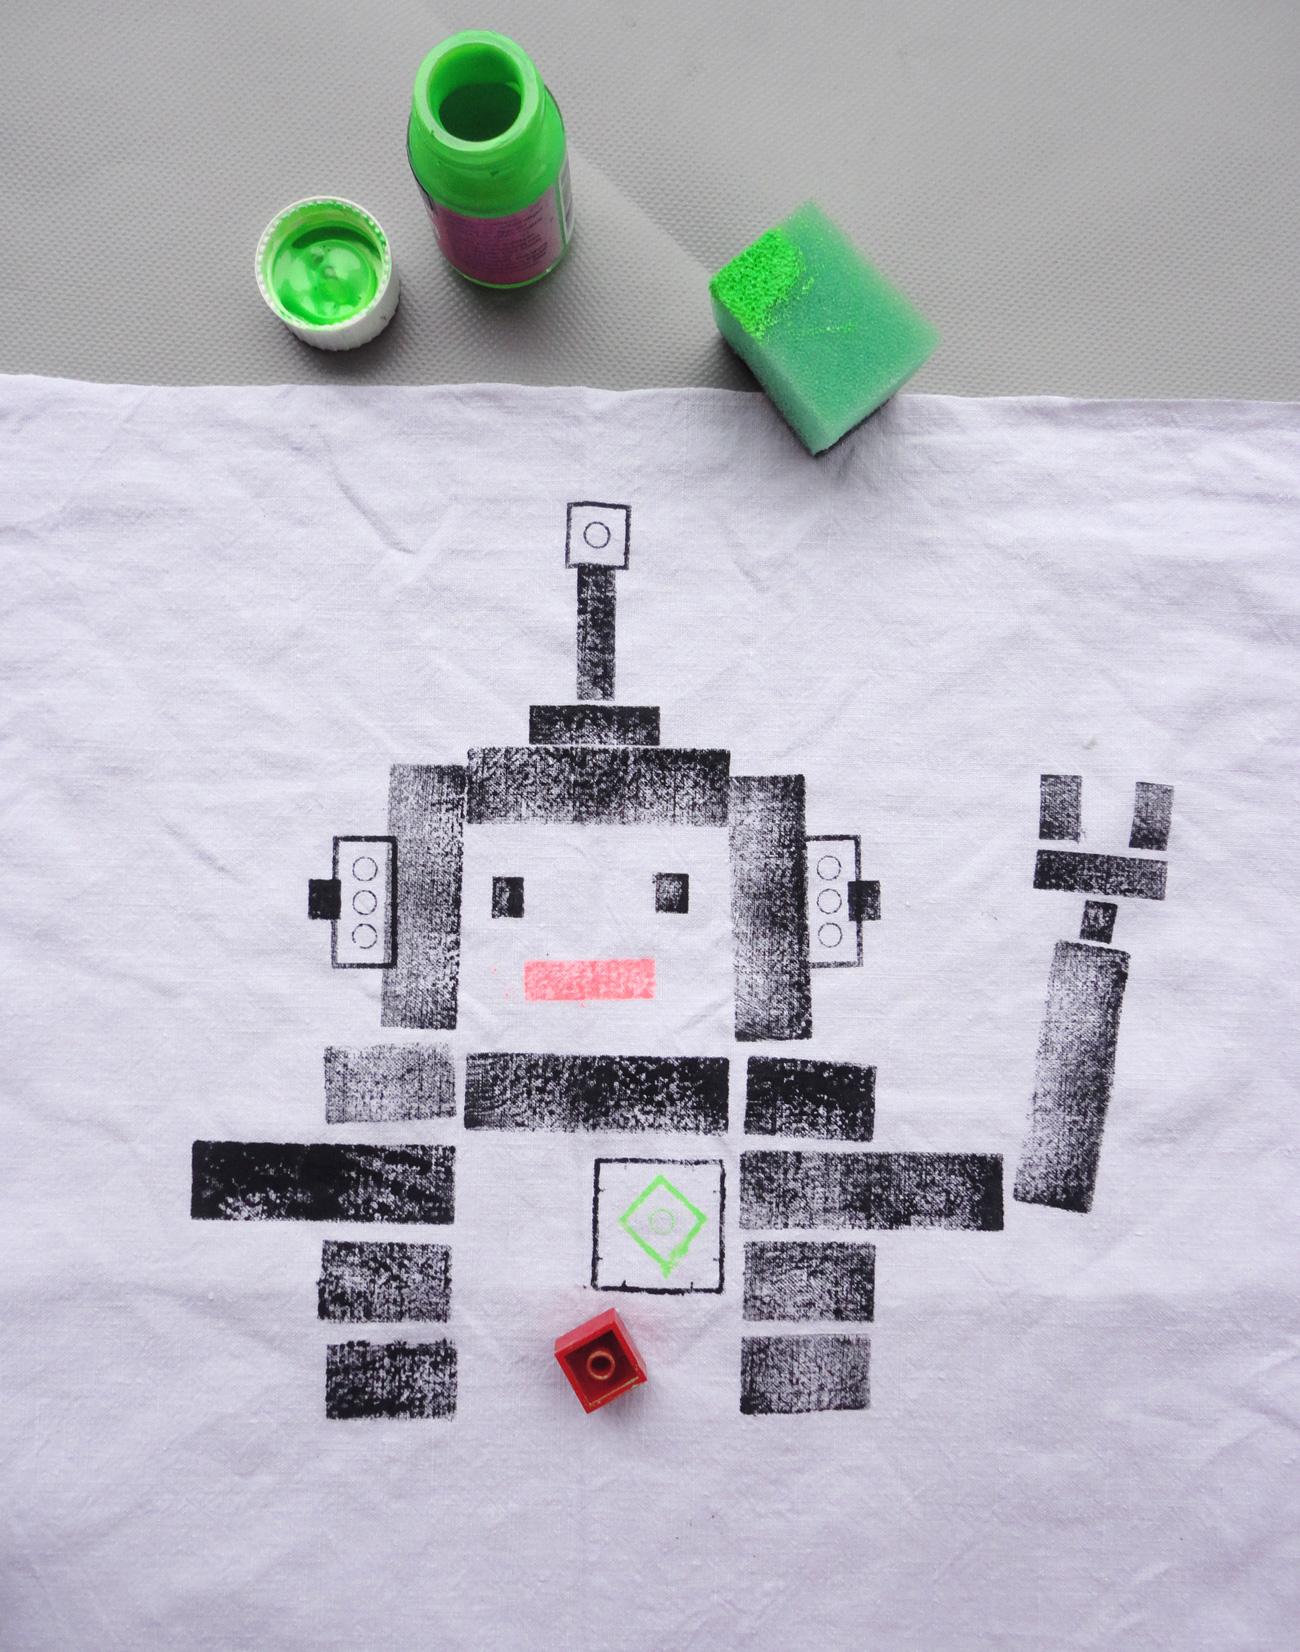 Mit Legosteinen wird ein Roboter gestempelt